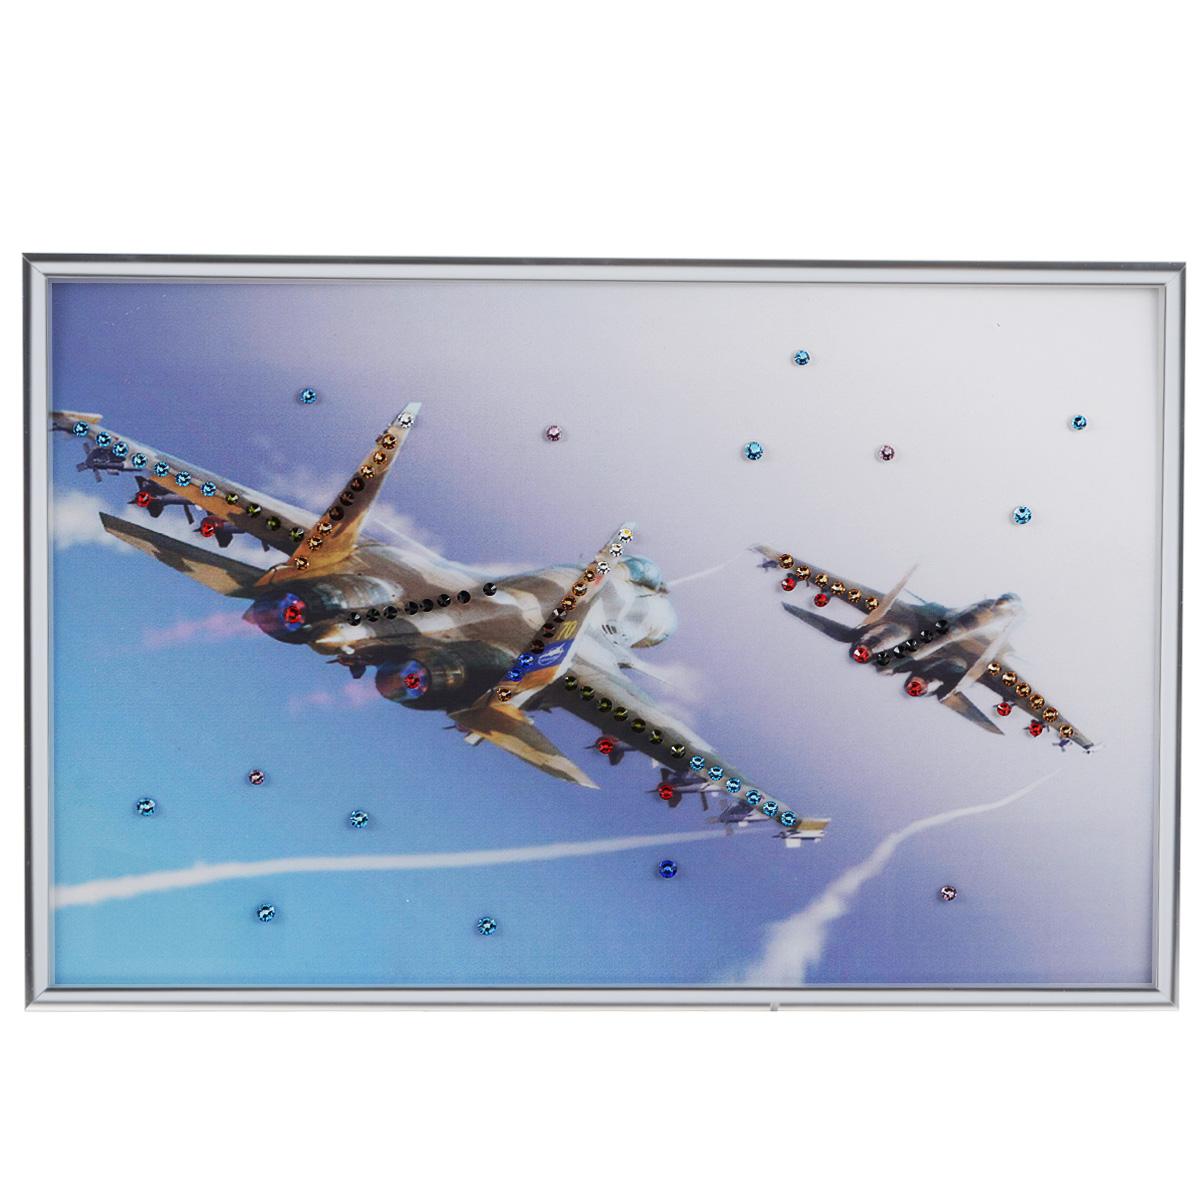 Картина с кристаллами Swarovski Полет, 30 см х 20 см1342Изящная картина в металлической раме, инкрустирована кристаллами Swarovski, которые отличаются четкой и ровной огранкой, ярким блеском и чистотой цвета. Красочное изображение двух самолетов, расположенное под стеклом, прекрасно дополняет блеск кристаллов. С обратной стороны имеется металлическая петелька для размещения картины на стене. Картина с кристаллами Swarovski Полет элегантно украсит интерьер дома или офиса, а также станет прекрасным подарком, который обязательно понравится получателю. Блеск кристаллов в интерьере, что может быть сказочнее и удивительнее. Картина упакована в подарочную картонную коробку синего цвета и комплектуется сертификатом соответствия Swarovski.